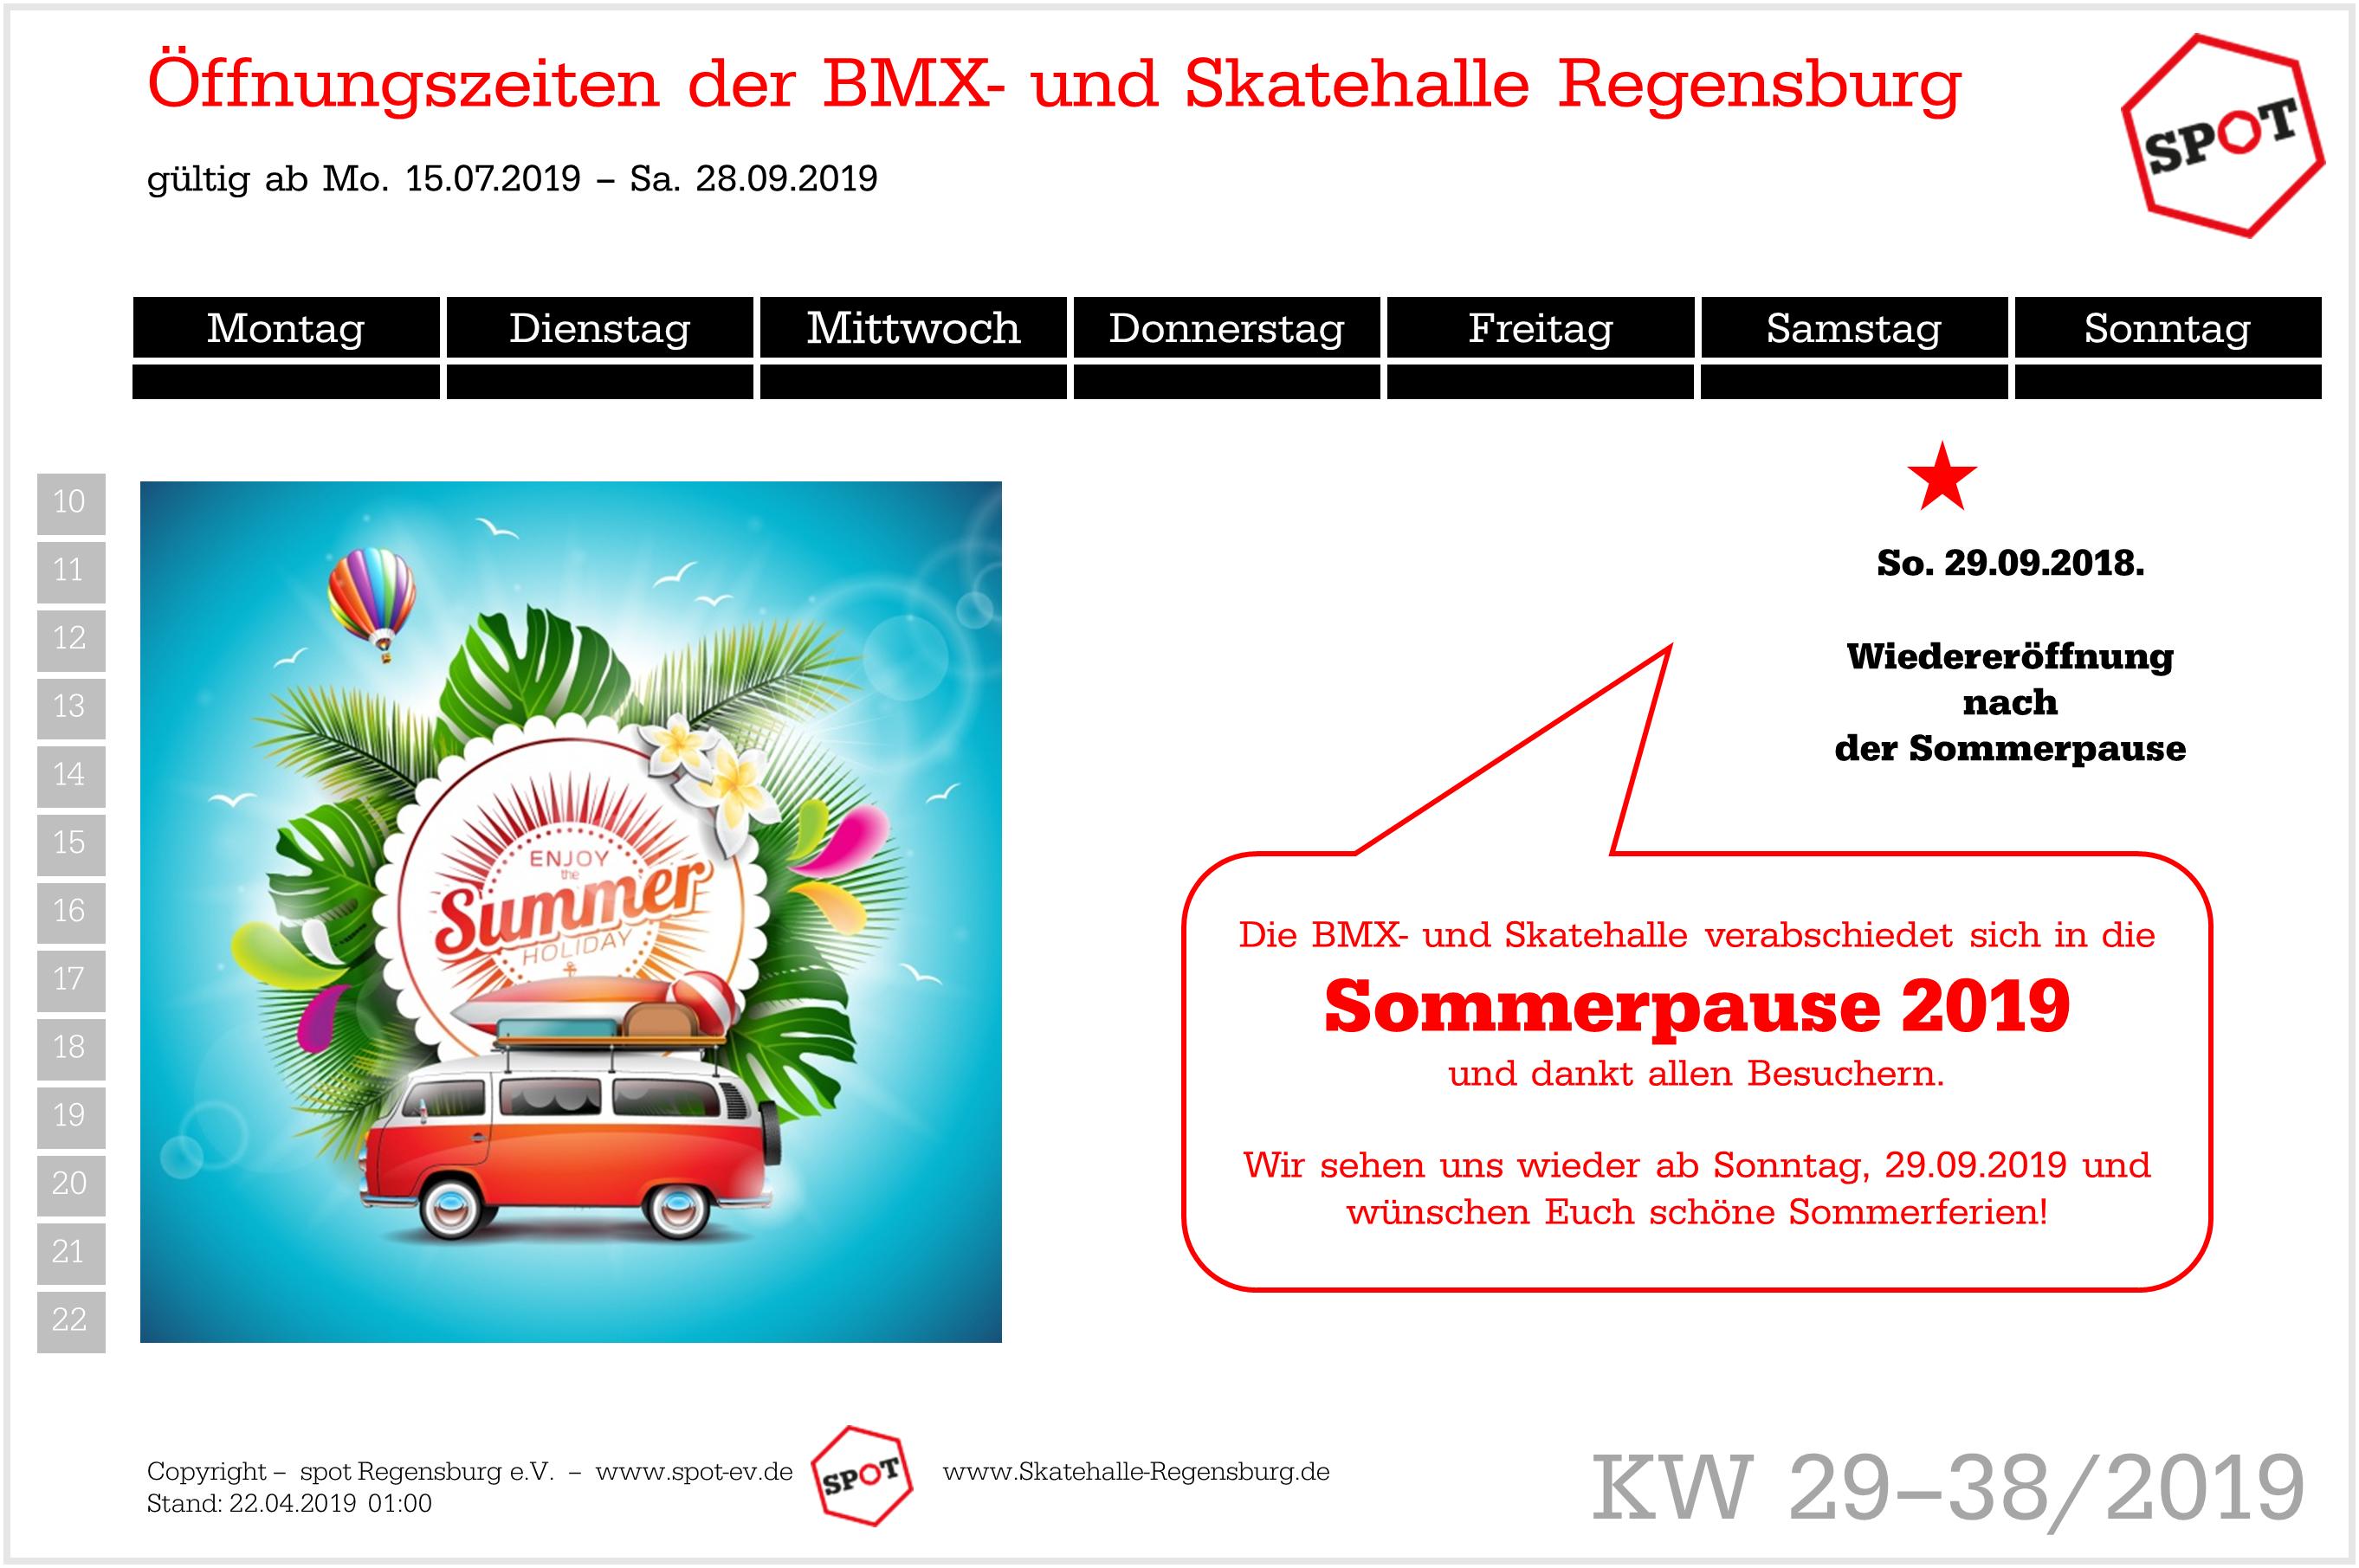 BMX- und Skatehalle Regensburg Sommerpause vom 15.07. bis einschl. 28.09.2019